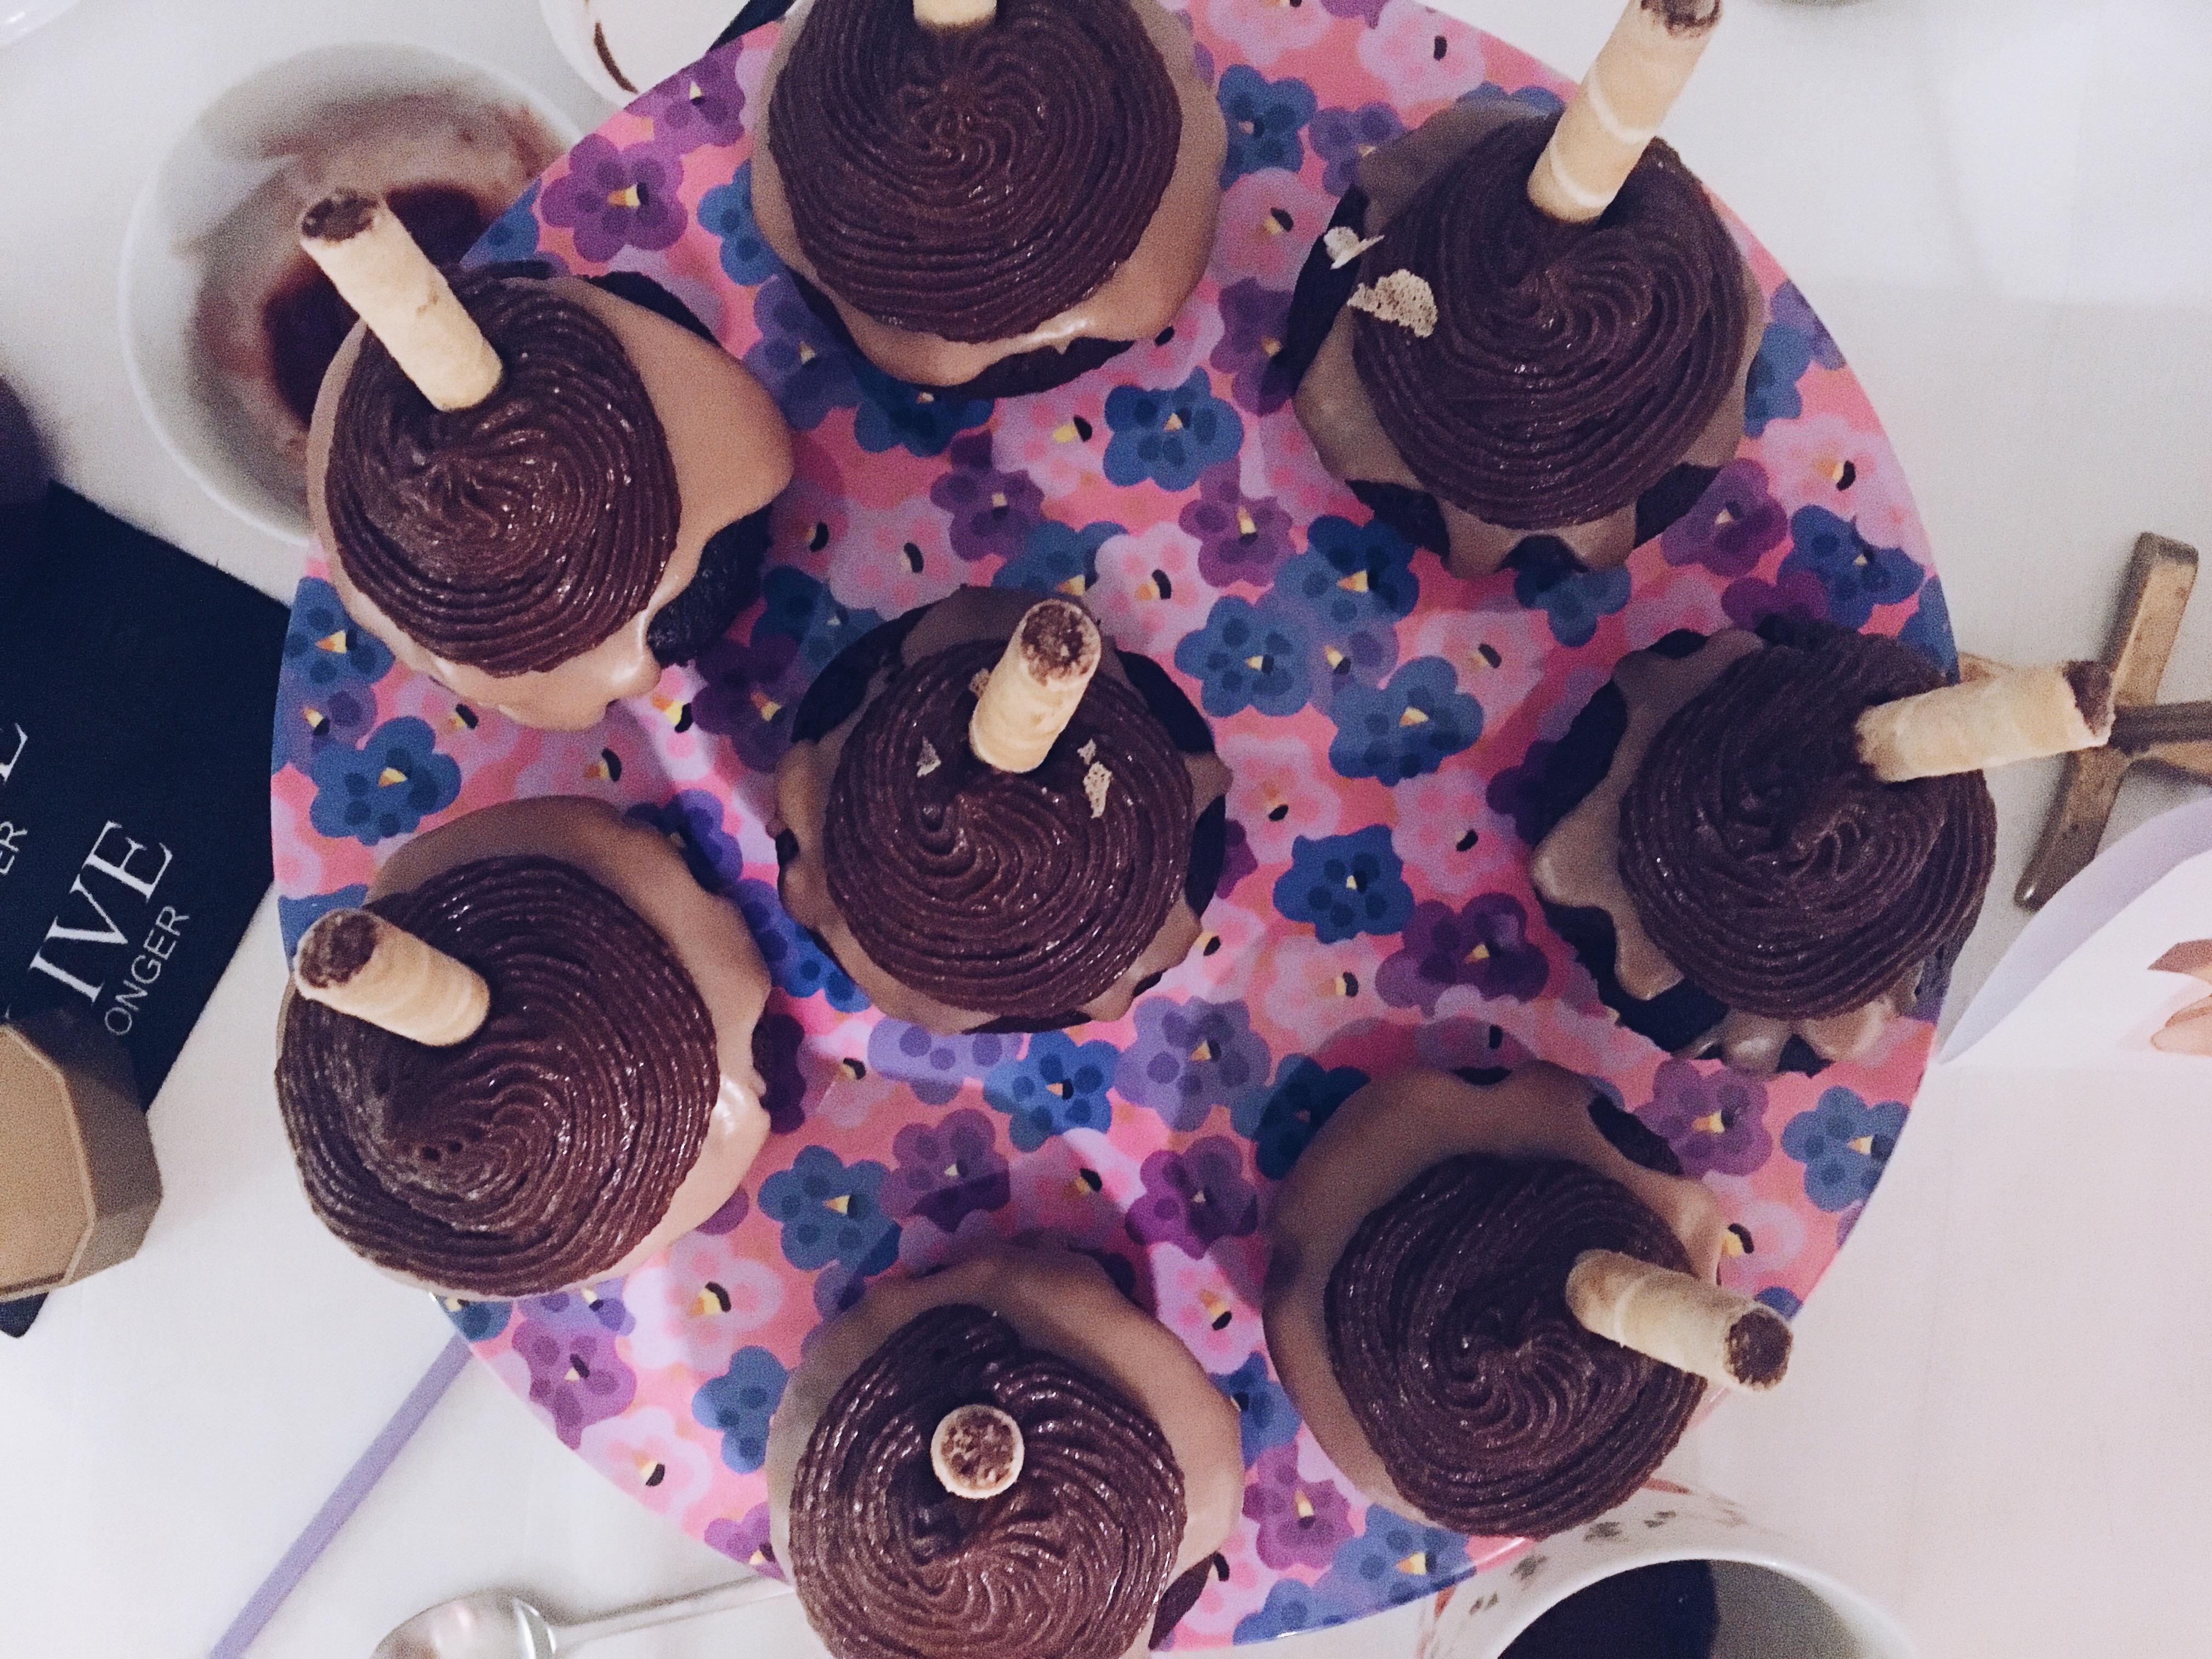 pokepuffs with chokolate